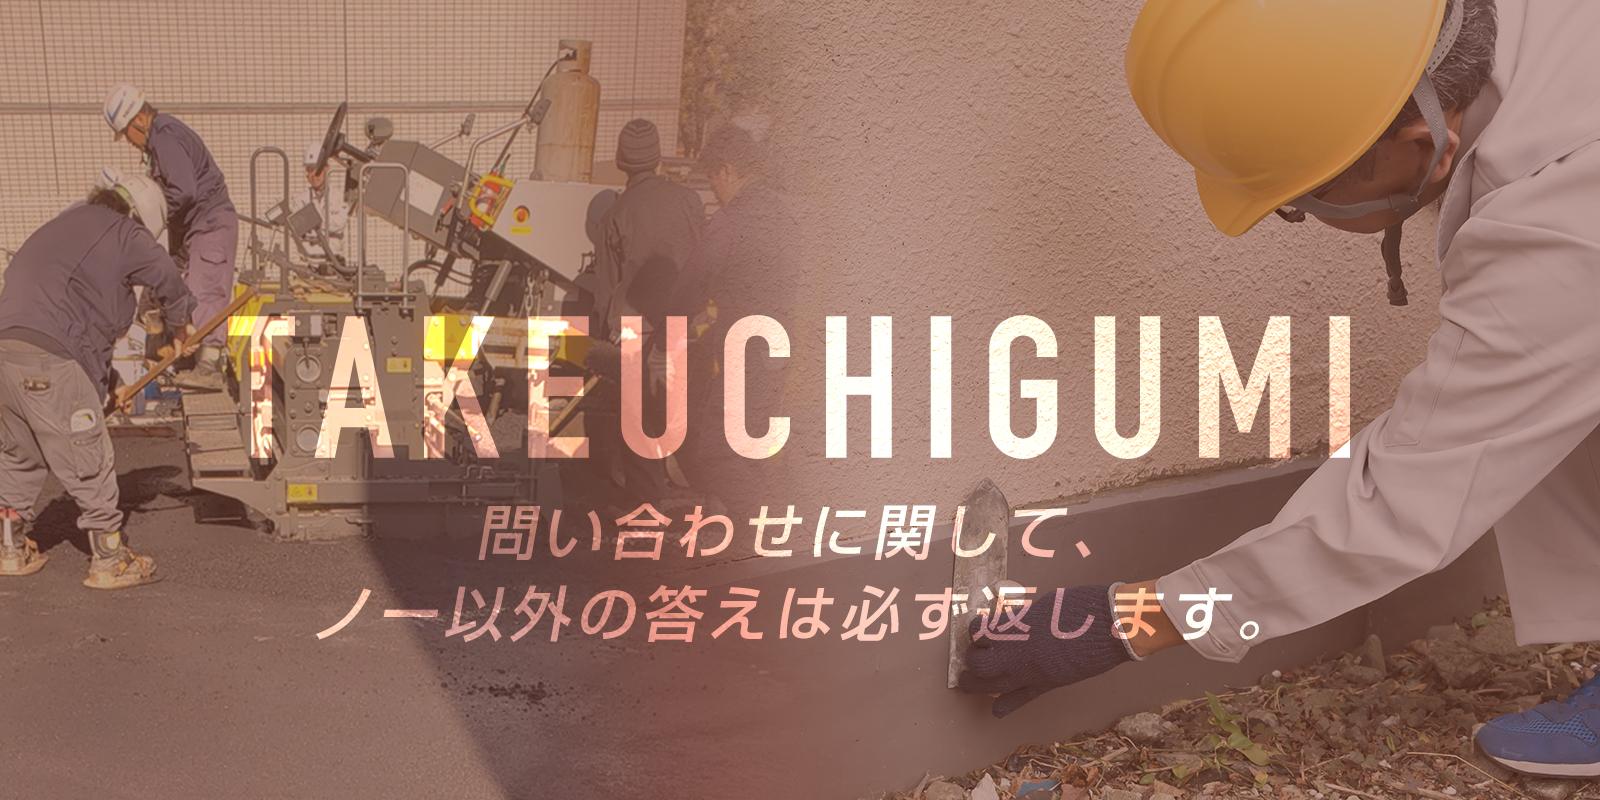 TAKEUCHIGUMI 問い合わせに関して、ノー以外の答えは必ず返します。